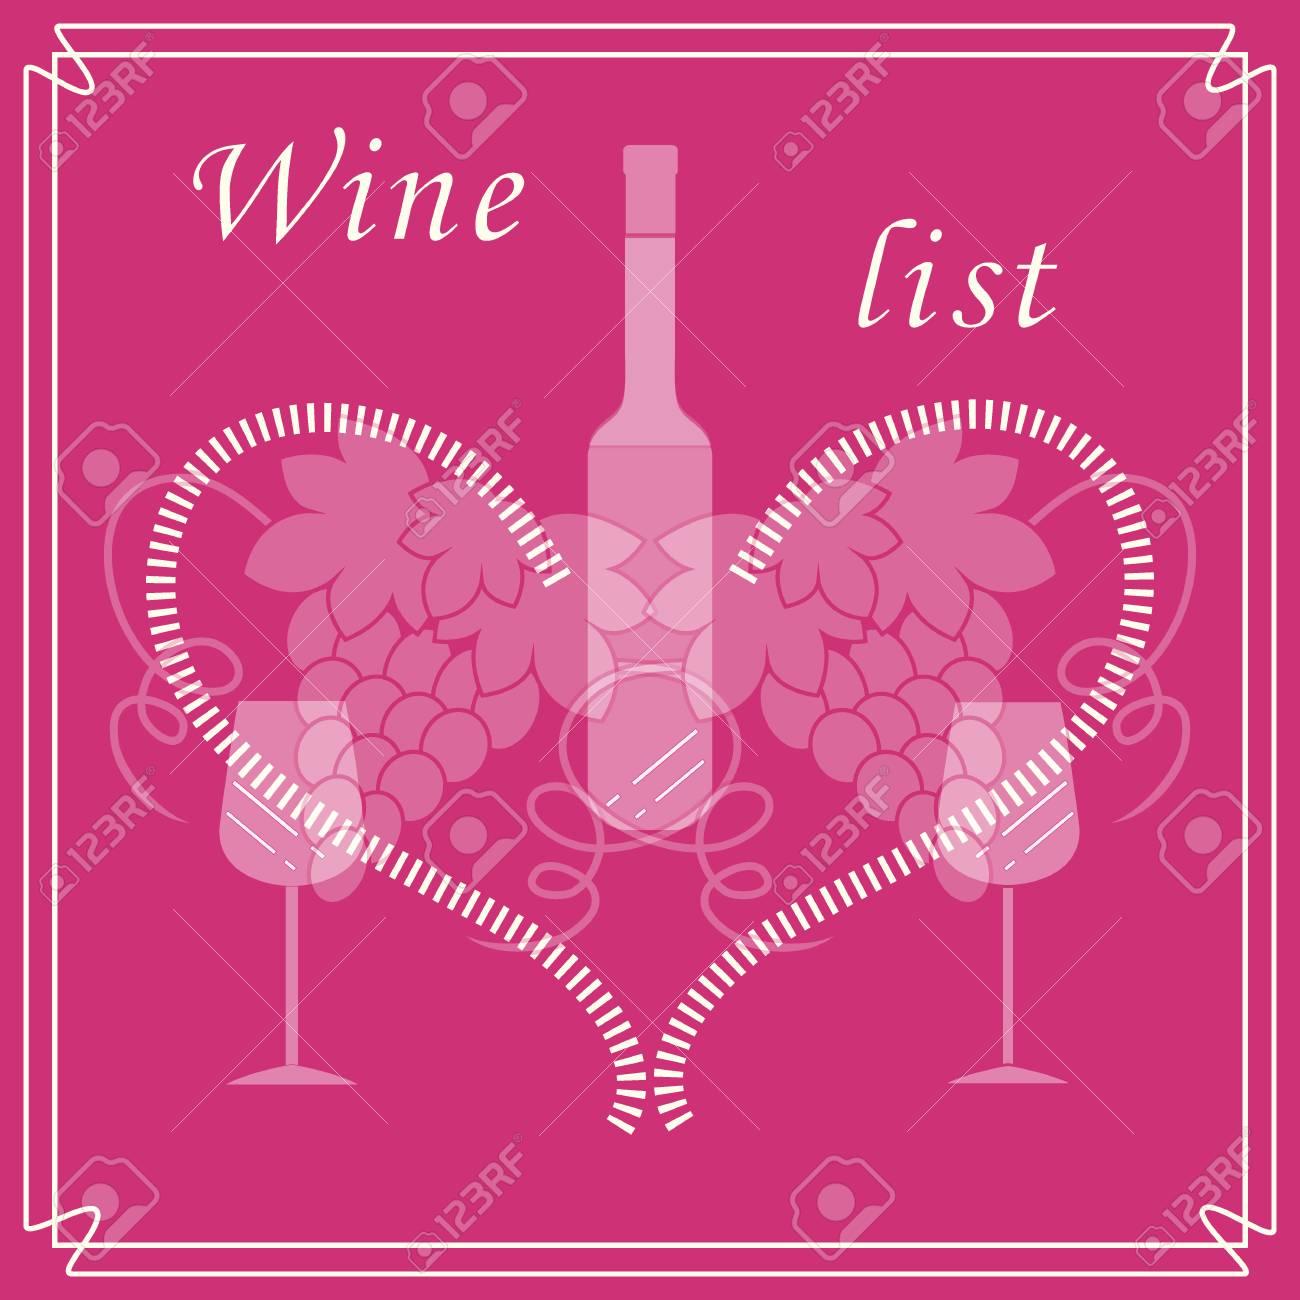 Nette Vektor-Illustration Von Flasche Wein, Gläser, Trauben Und Herz ...